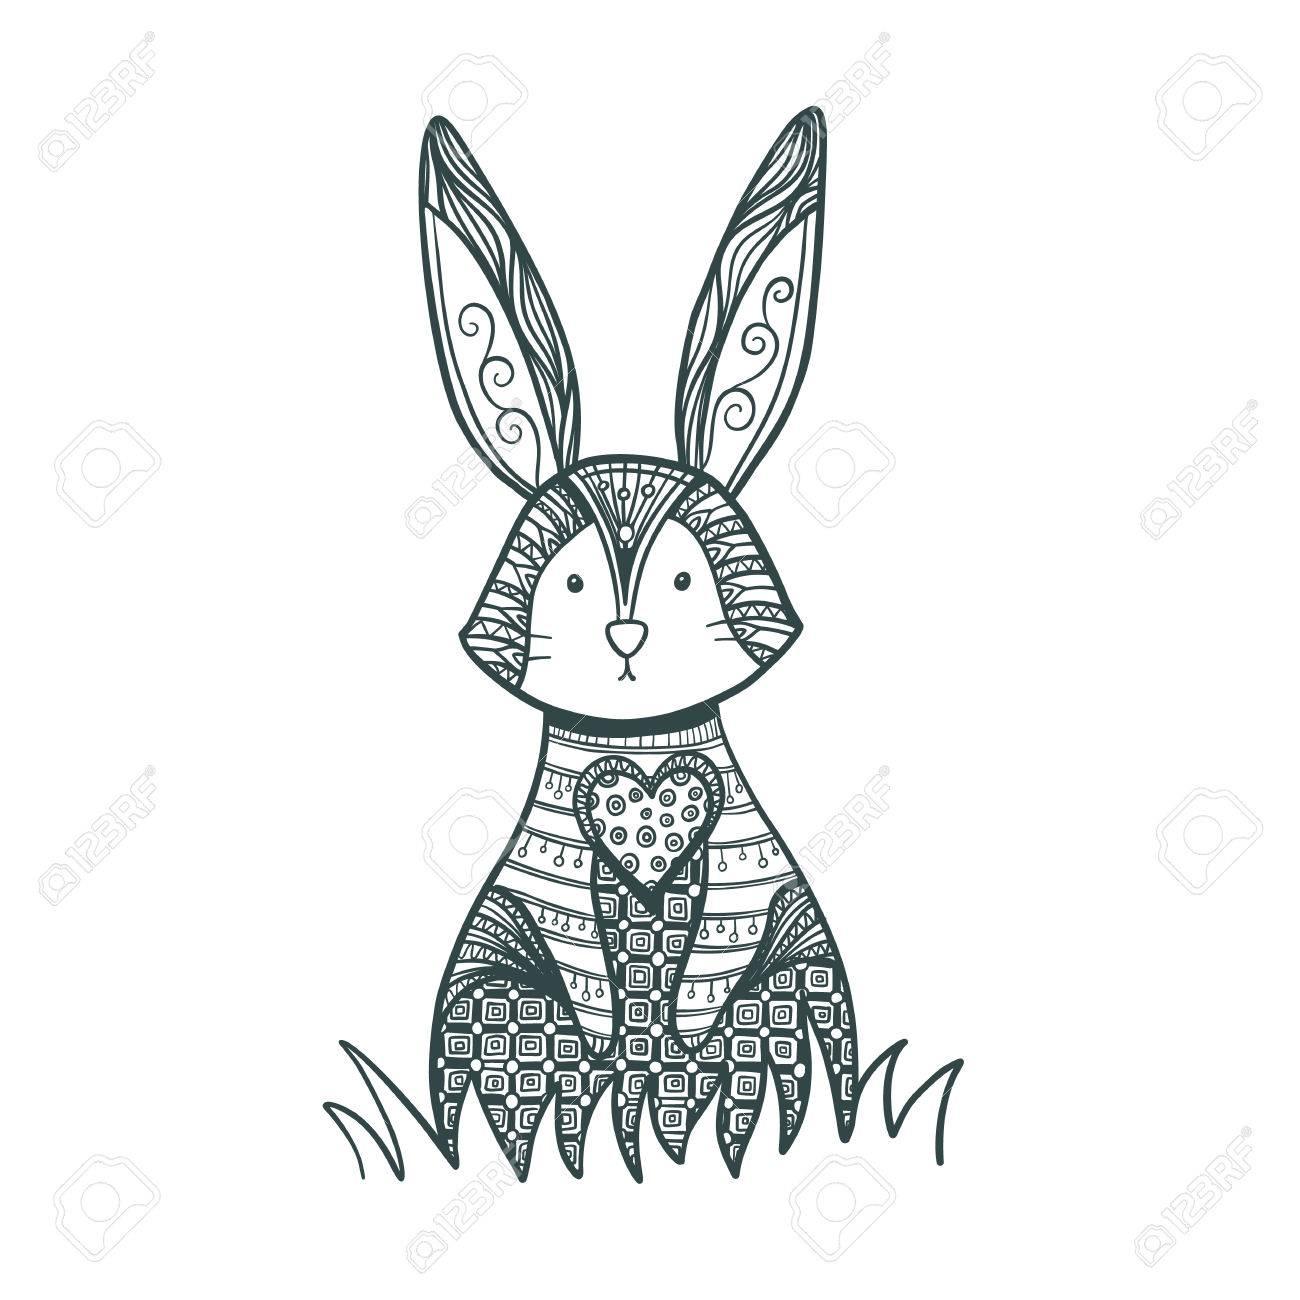 Dibujo De Conejo Para Colorear Página. Conejo Decorativo, Conejo De ...